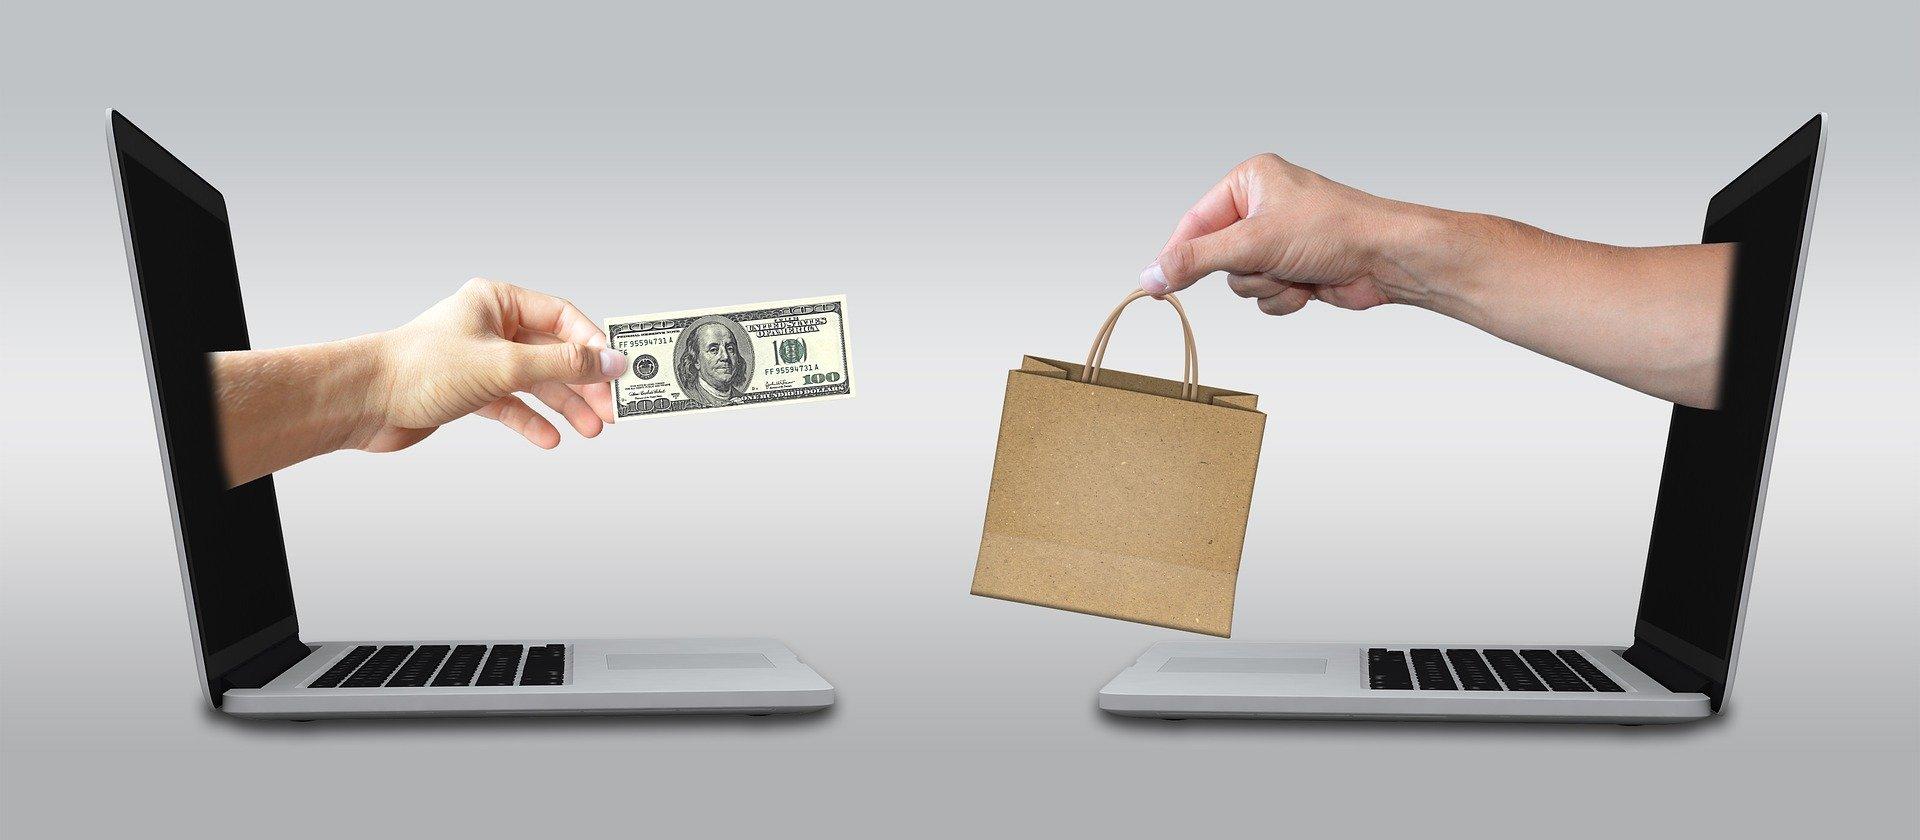 온라인 쇼핑, 618, 전자상거래